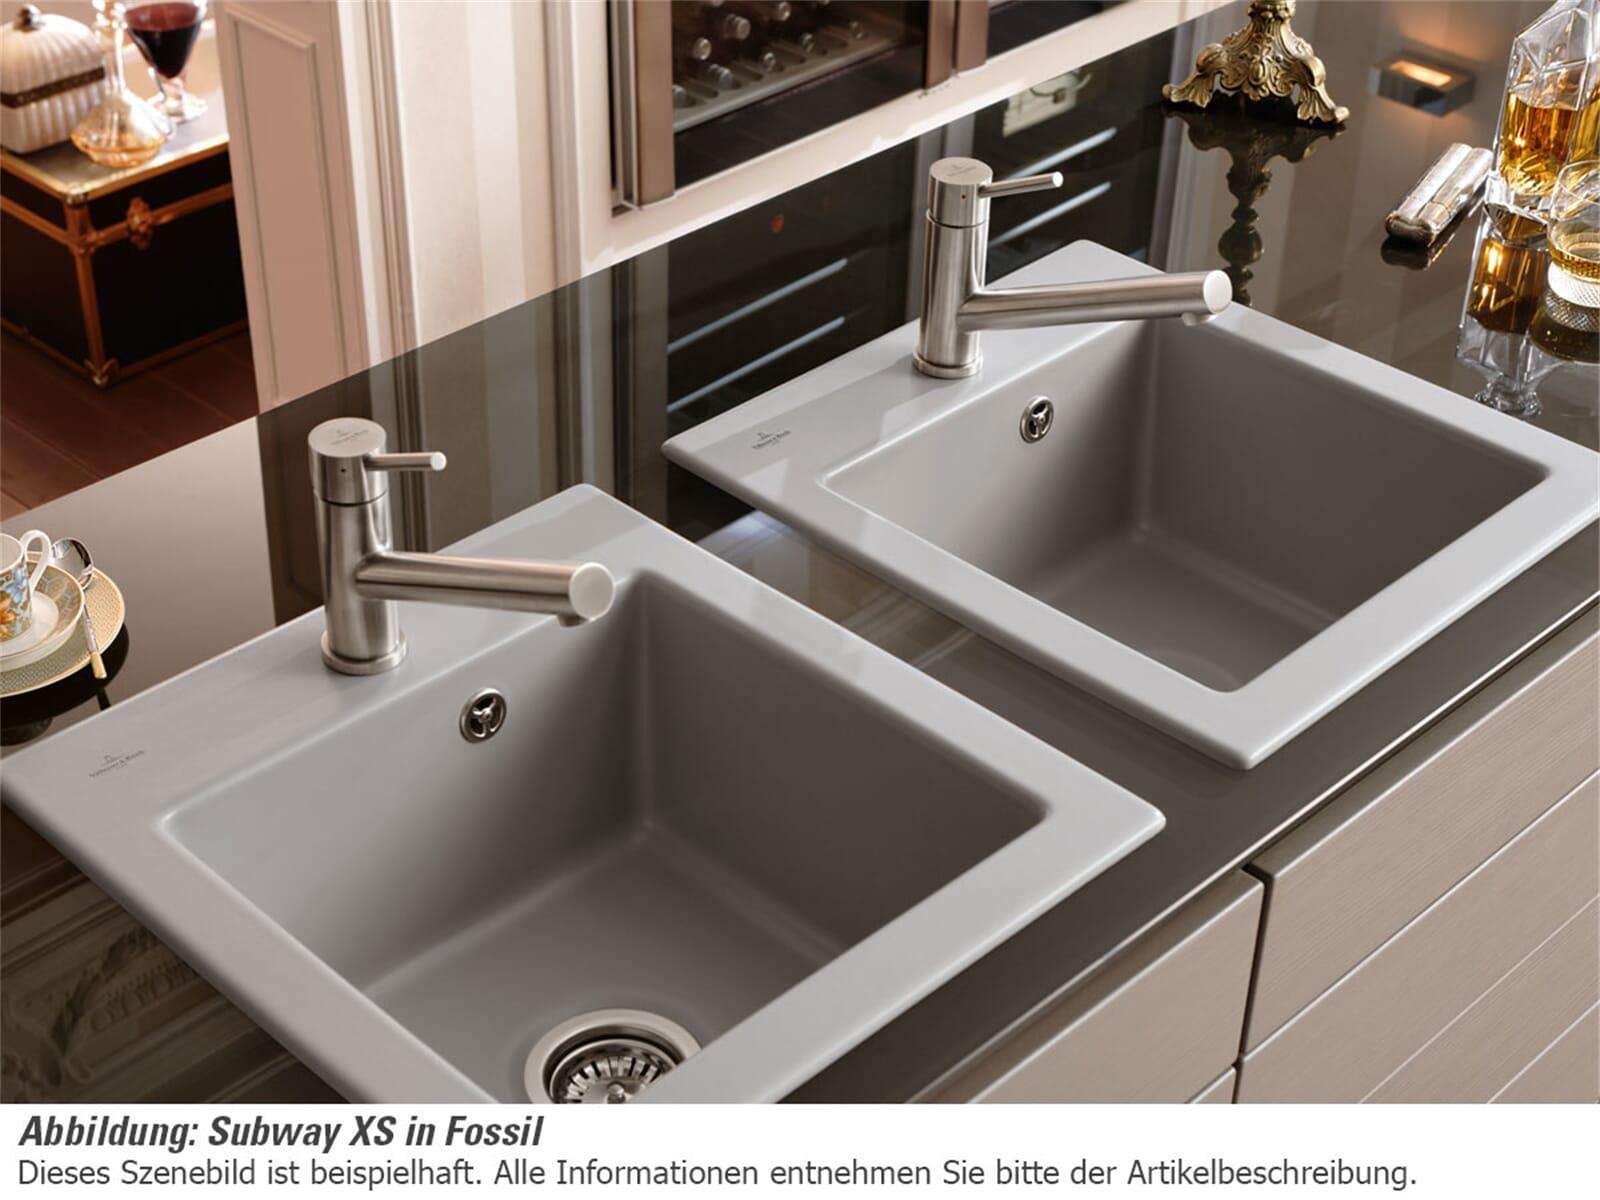 Villeroy & Boch Subway 45 XS Graphit - 6781 01 i4 Keramikspüle Handbetätigung